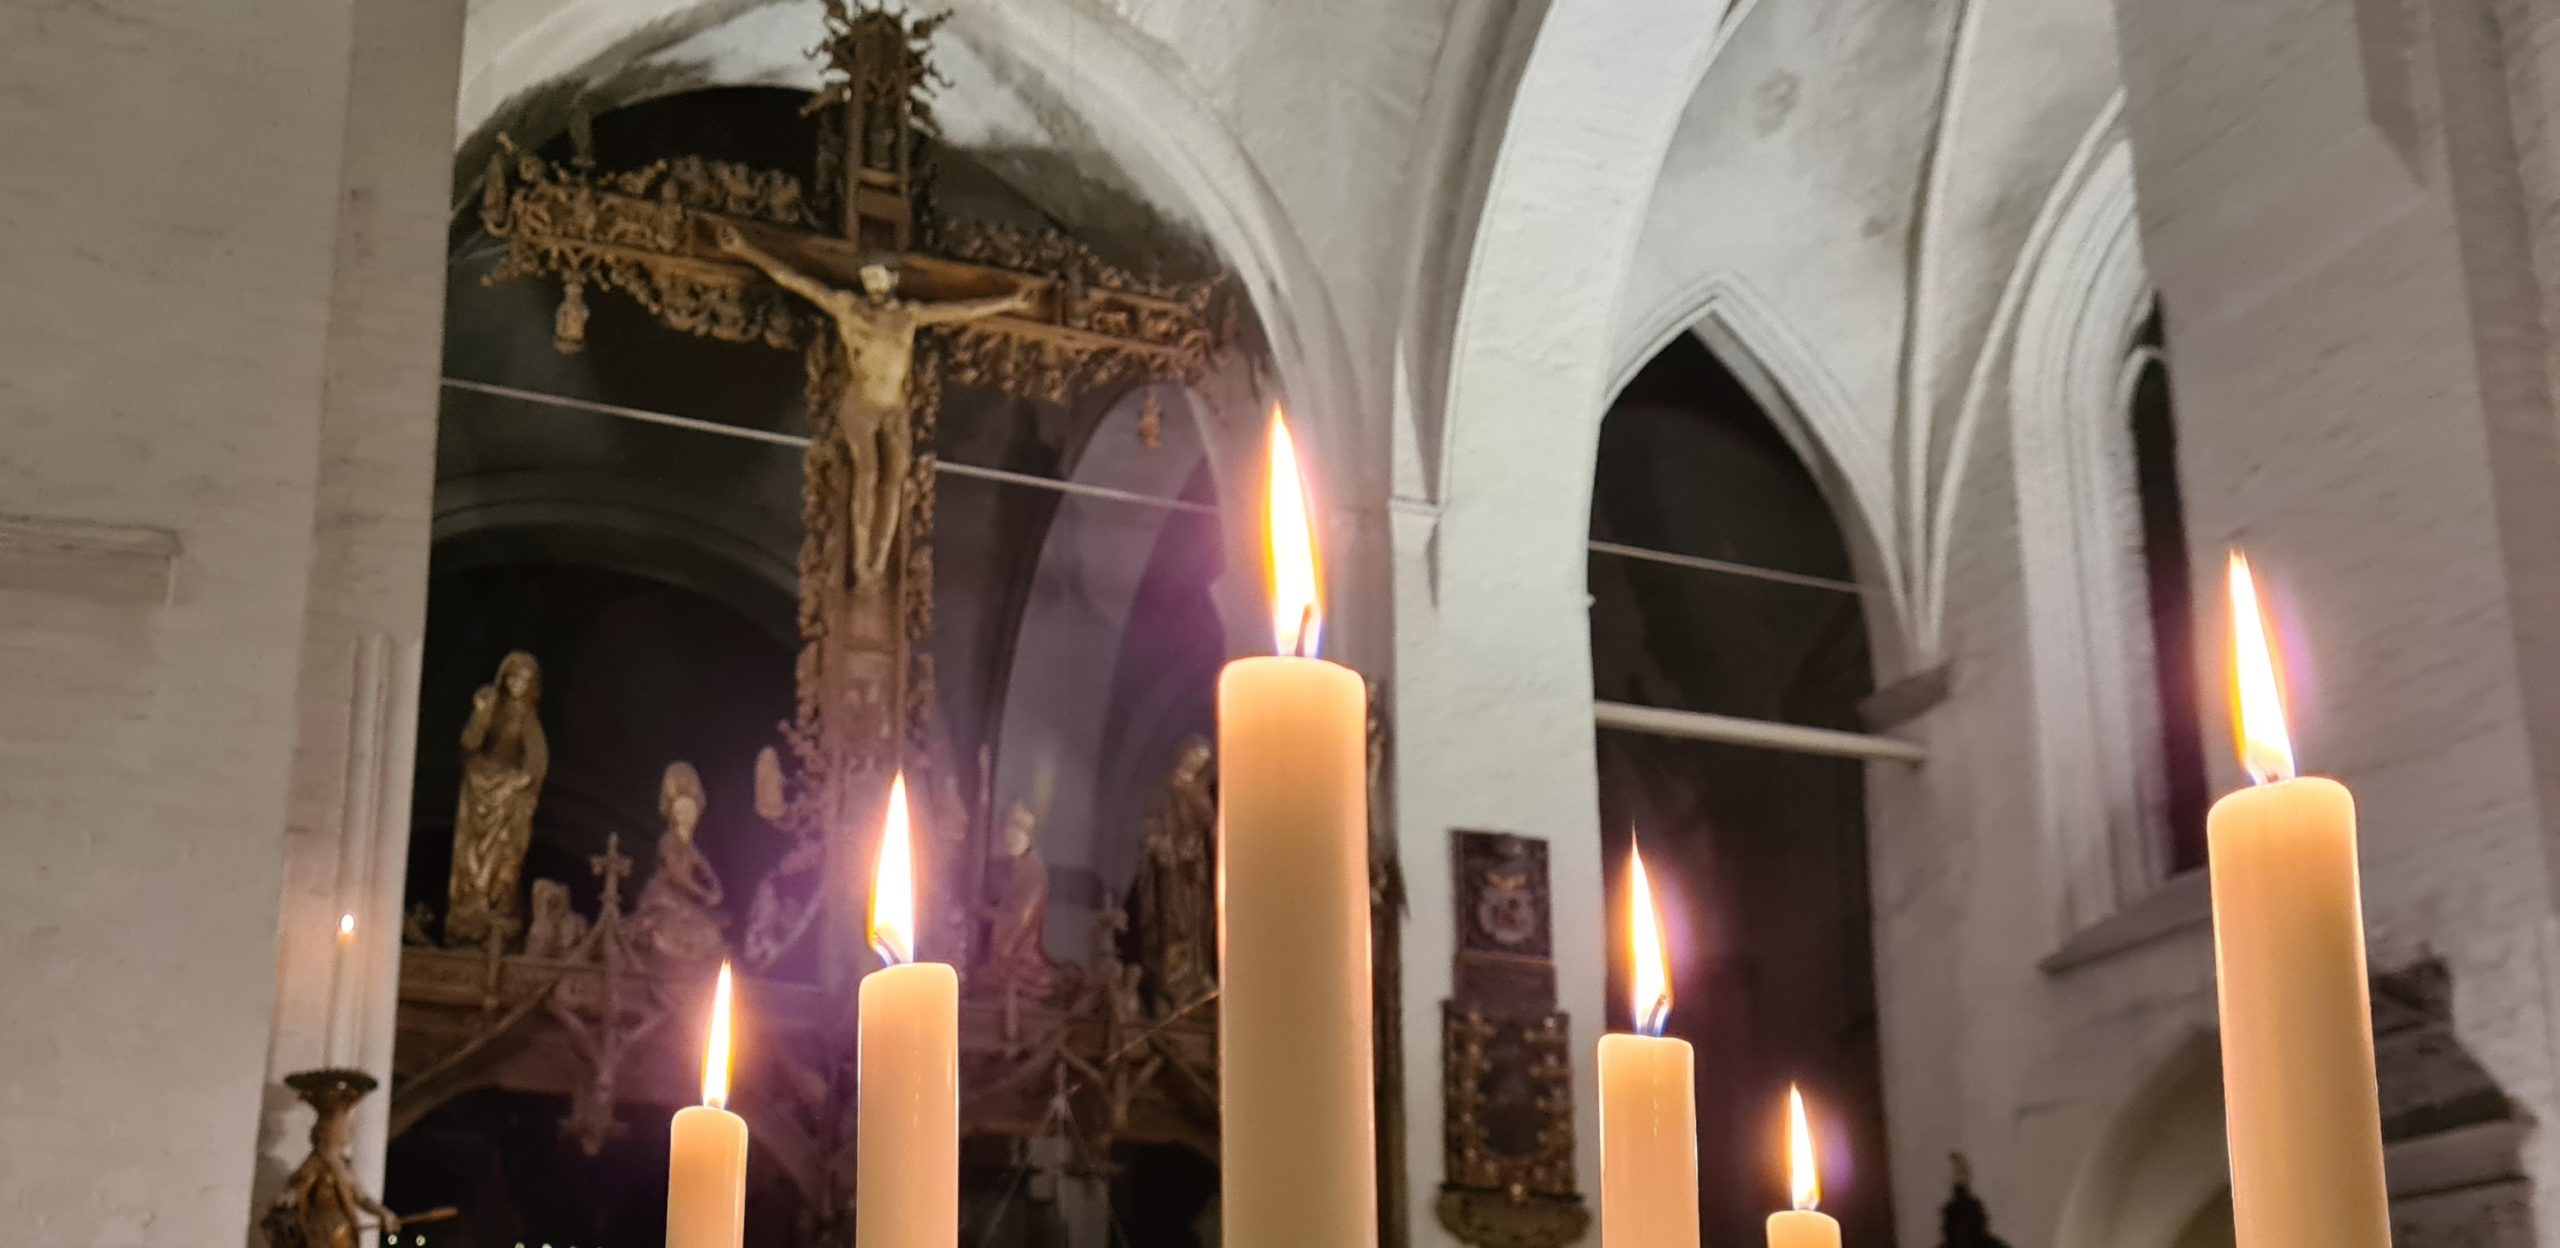 Ab dem Wochenende, 6./7. März 2021, feiern die Innenstadt-Gemeinden wieder Präsenzgottesdienste in den Altstadt-Kirchen.